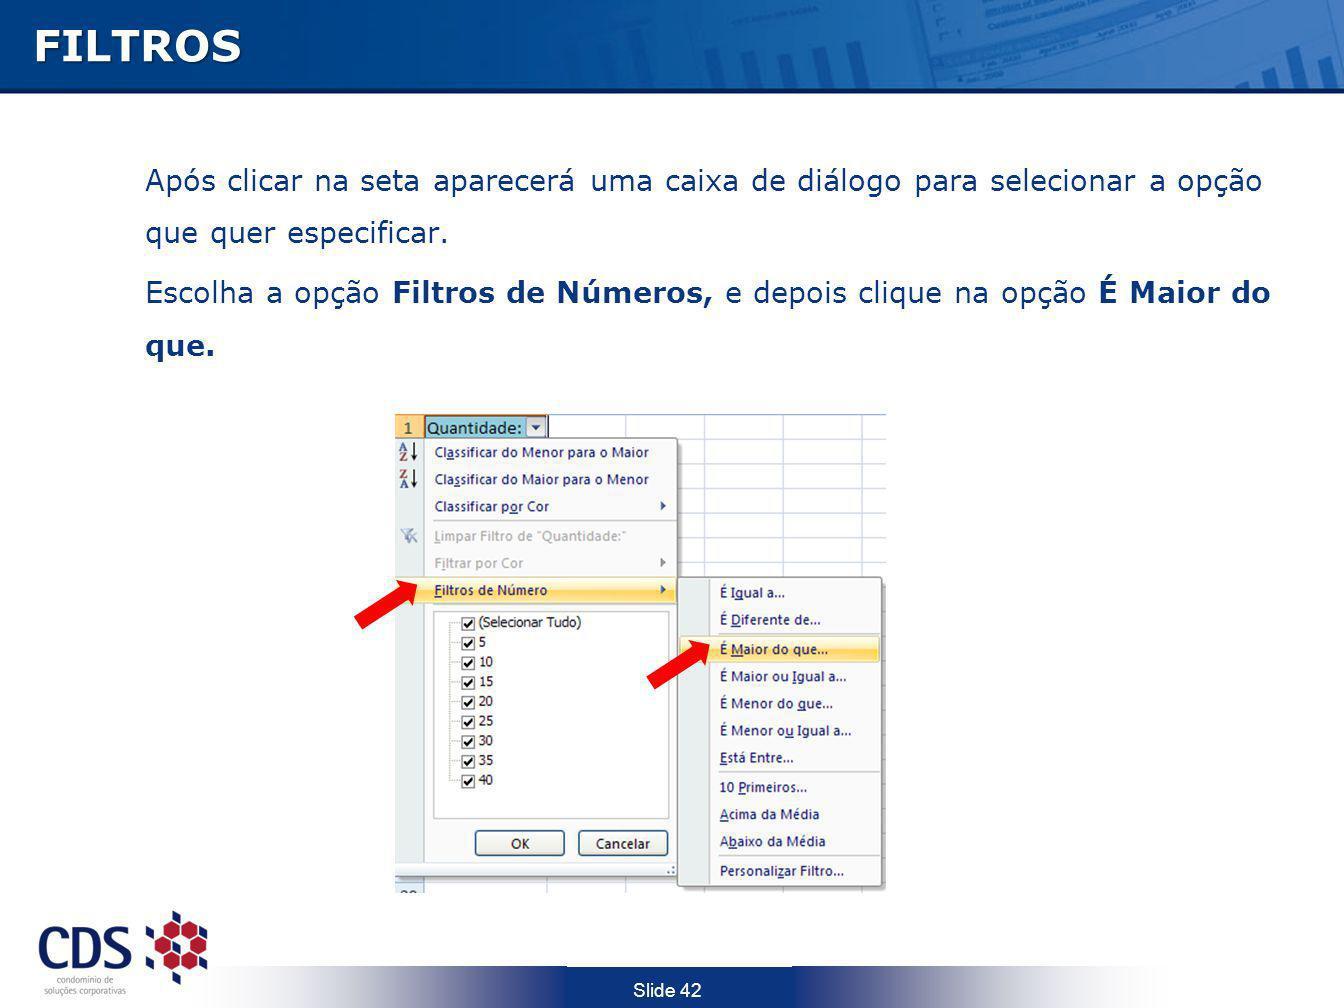 Slide 42FILTROS Após clicar na seta aparecerá uma caixa de diálogo para selecionar a opção que quer especificar. Escolha a opção Filtros de Números, e